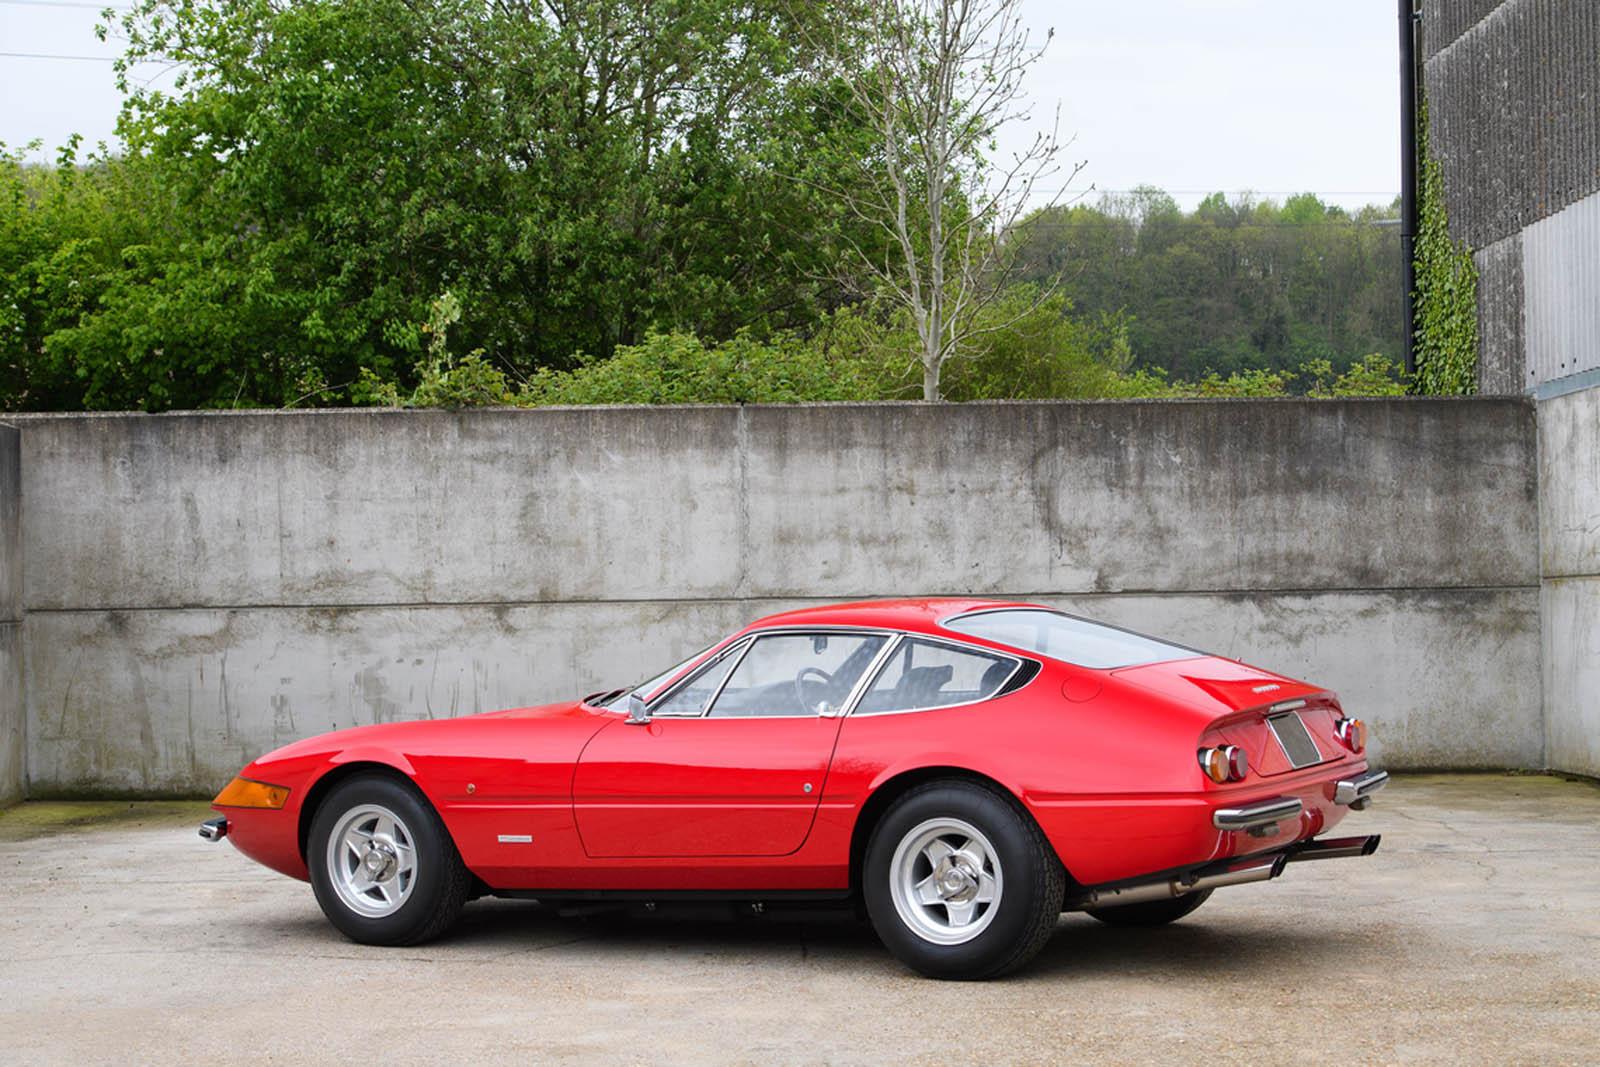 Ferrari-365-GTB4-Daytona-ex-Elton-John-2